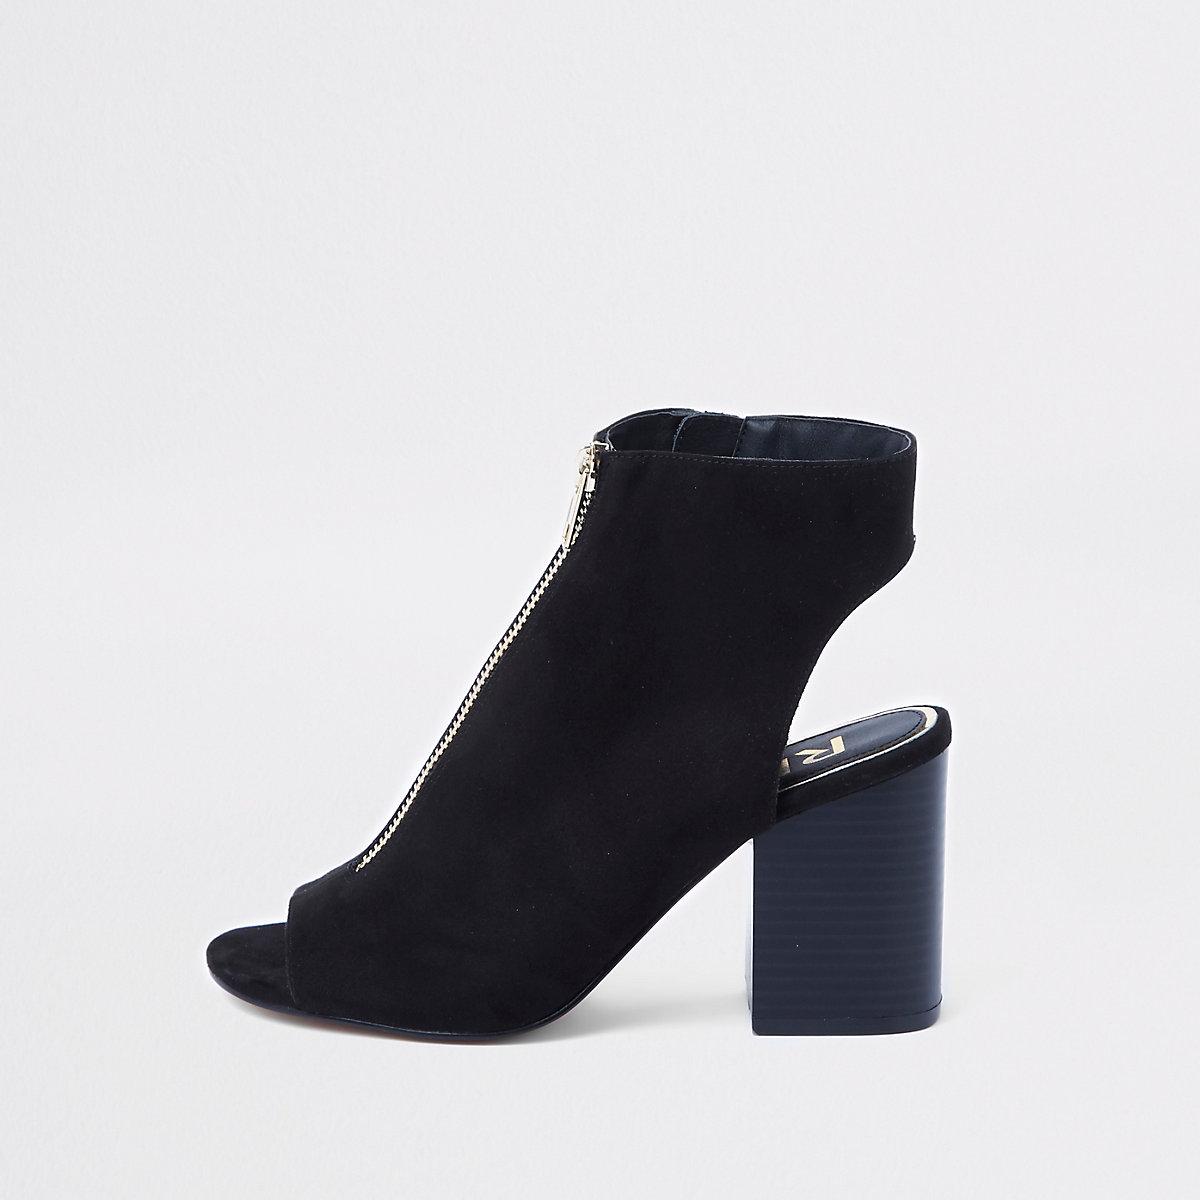 Black zip-up shoe boot